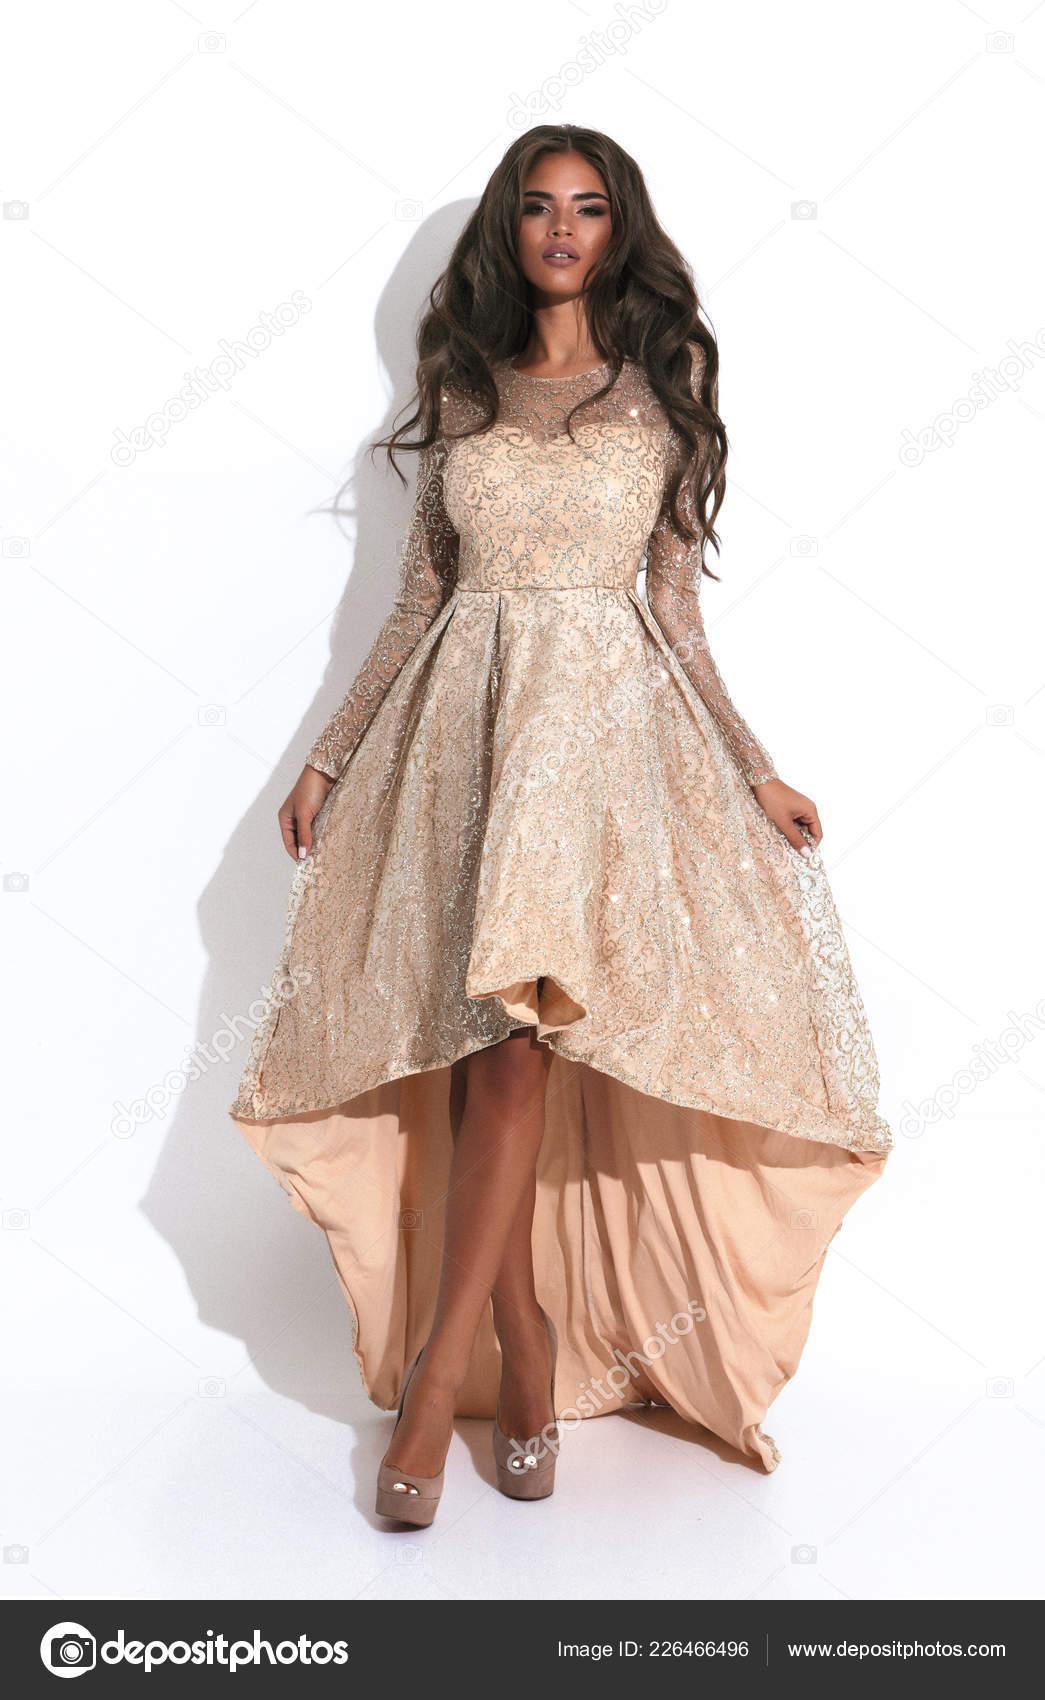 huge discount 0d50e b5571 Dolce Giovane Femmina Tenera Barbie Vestito Corto Davanti ...